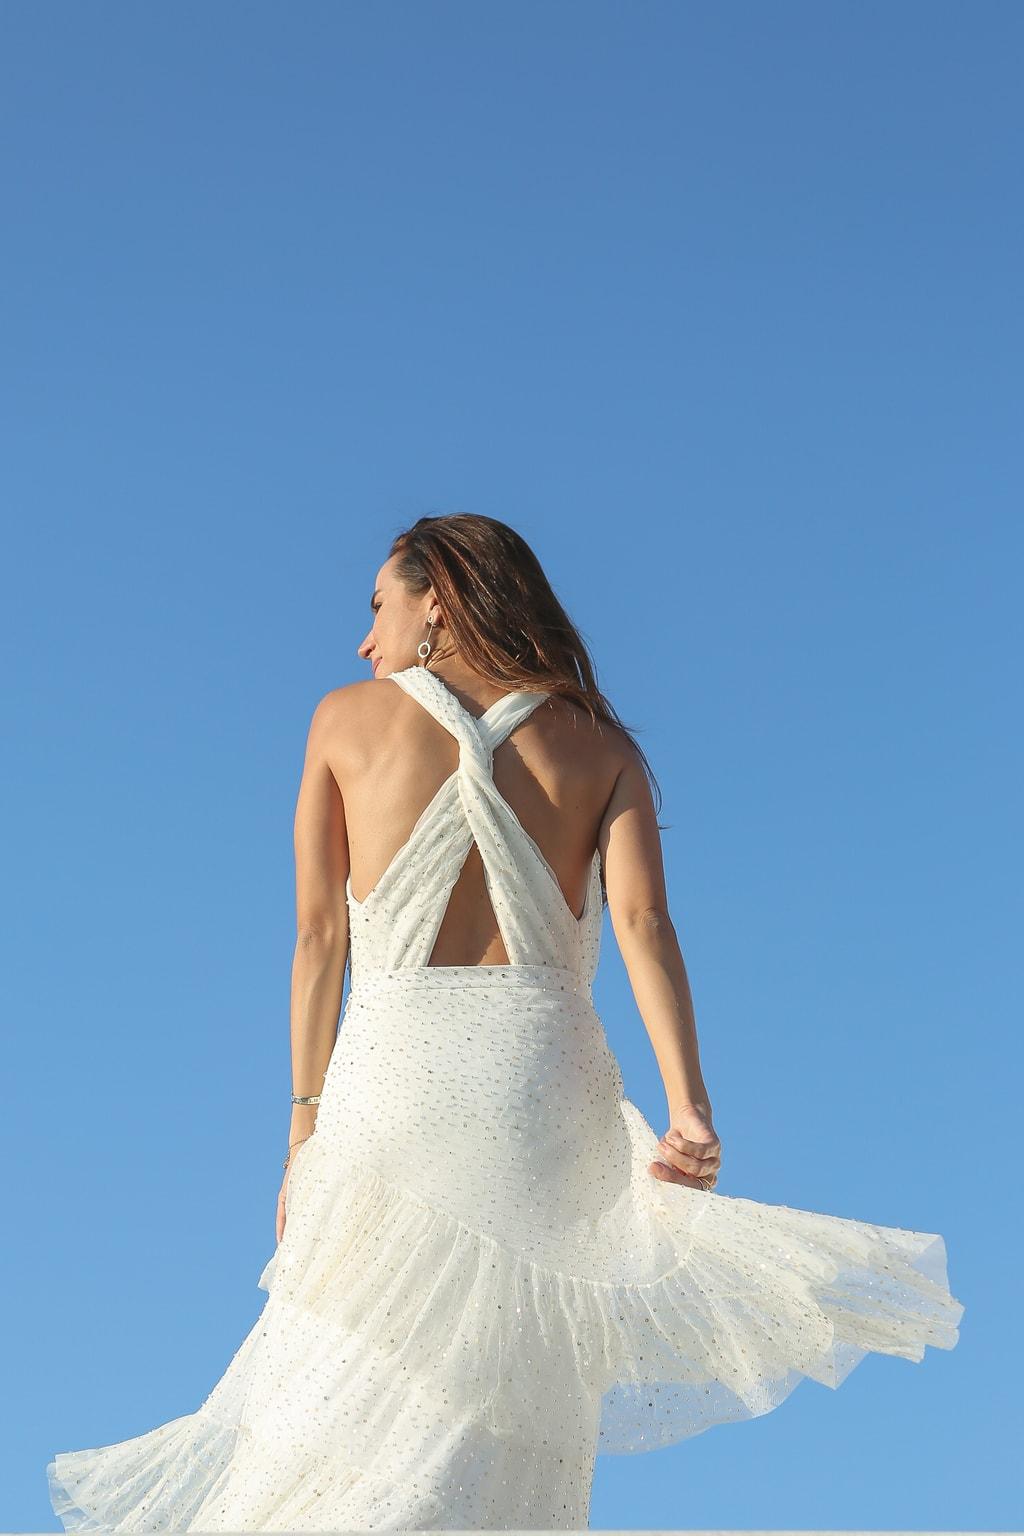 vestidos-ano-novo-reveillon-vestido-de-festa-julia-golldenzon-46